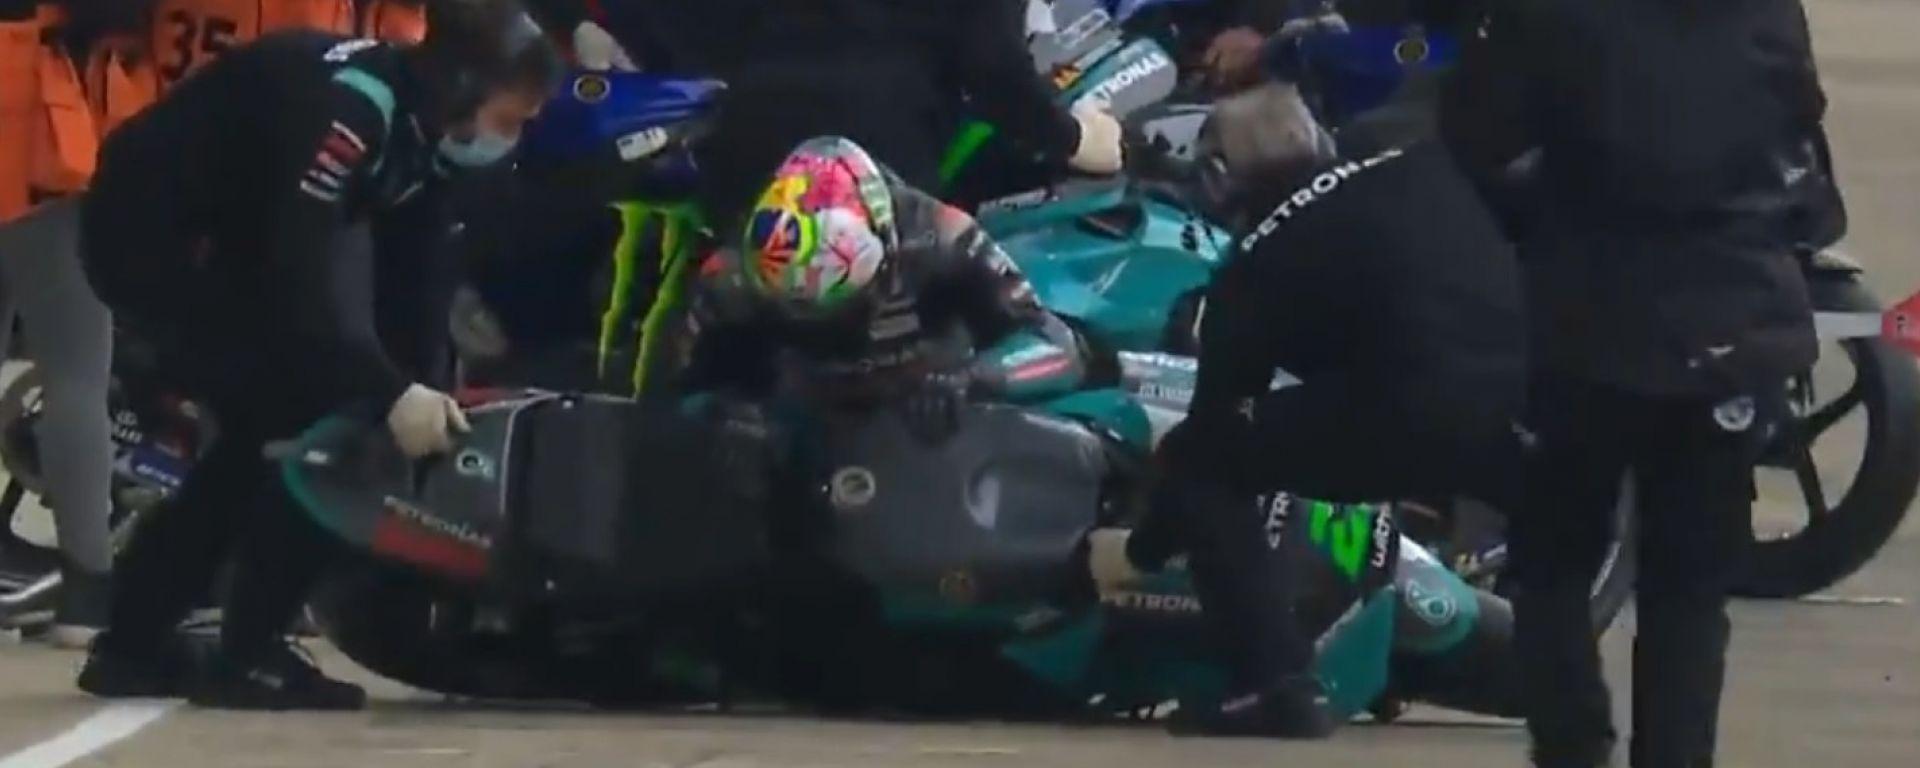 MotoGP 2021: Franco Morbidelli dolorante nella corsia box di Le Mans